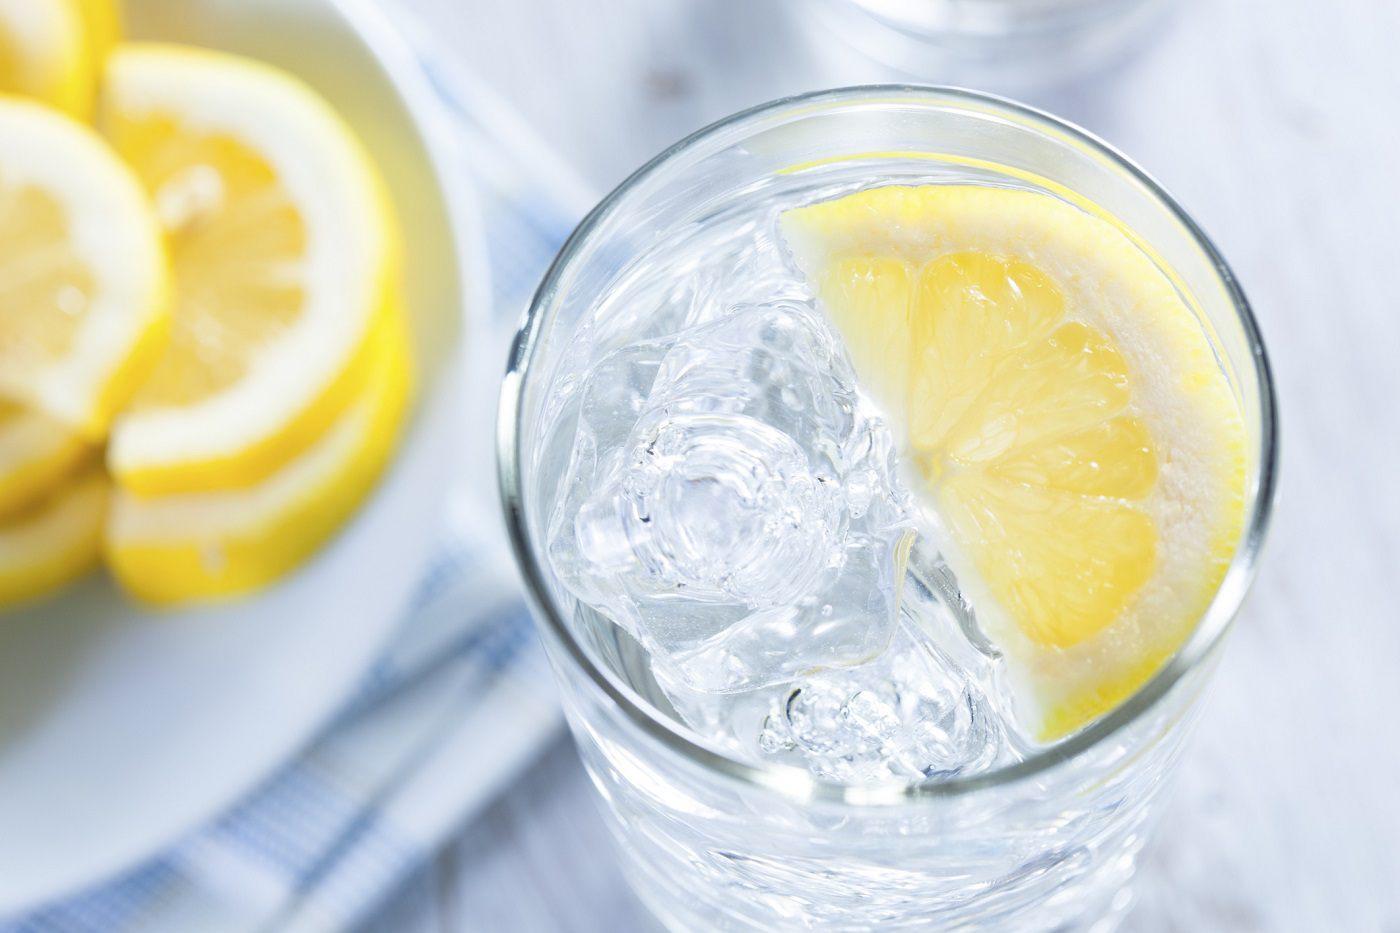 Вода С Лимоном Для Похудения. Вода с лимоном для похудения — просто и эффективно